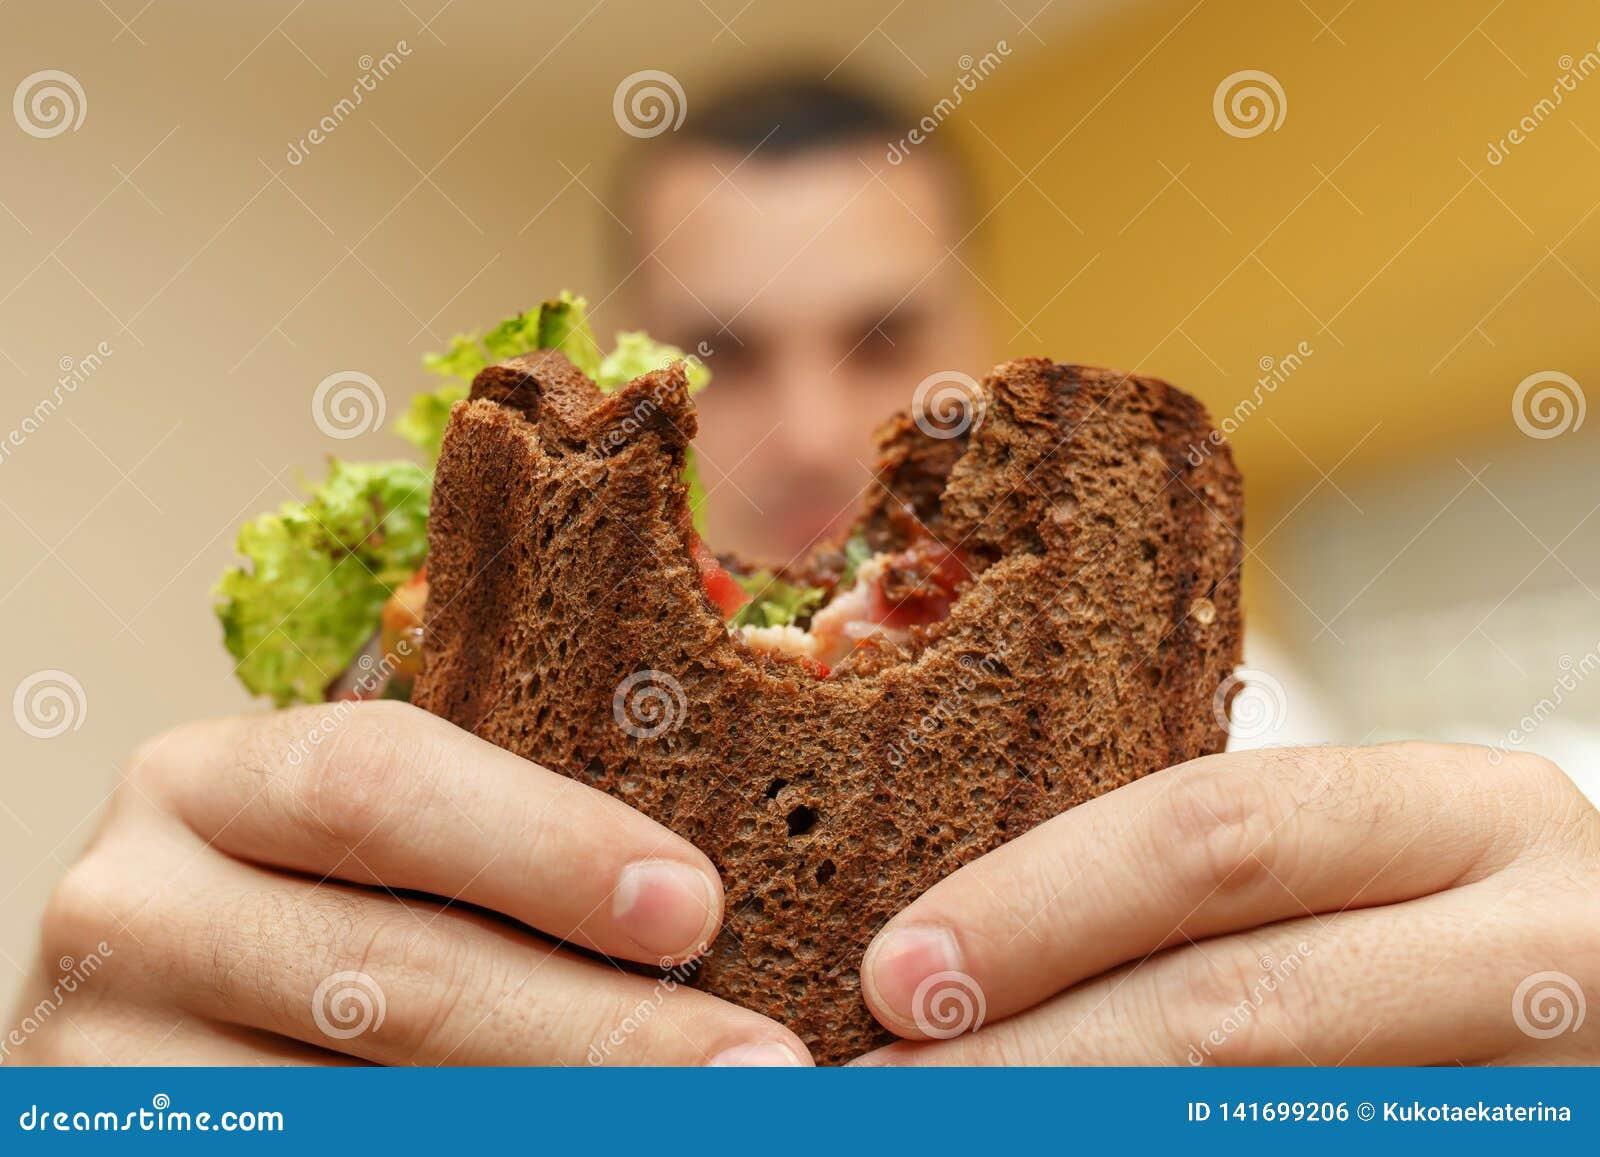 Close-up grappig vaag protrait van jonge mensengreep gebeten sandwich door zijn twee handen Sandwich in nadruk Lichte achtergrond